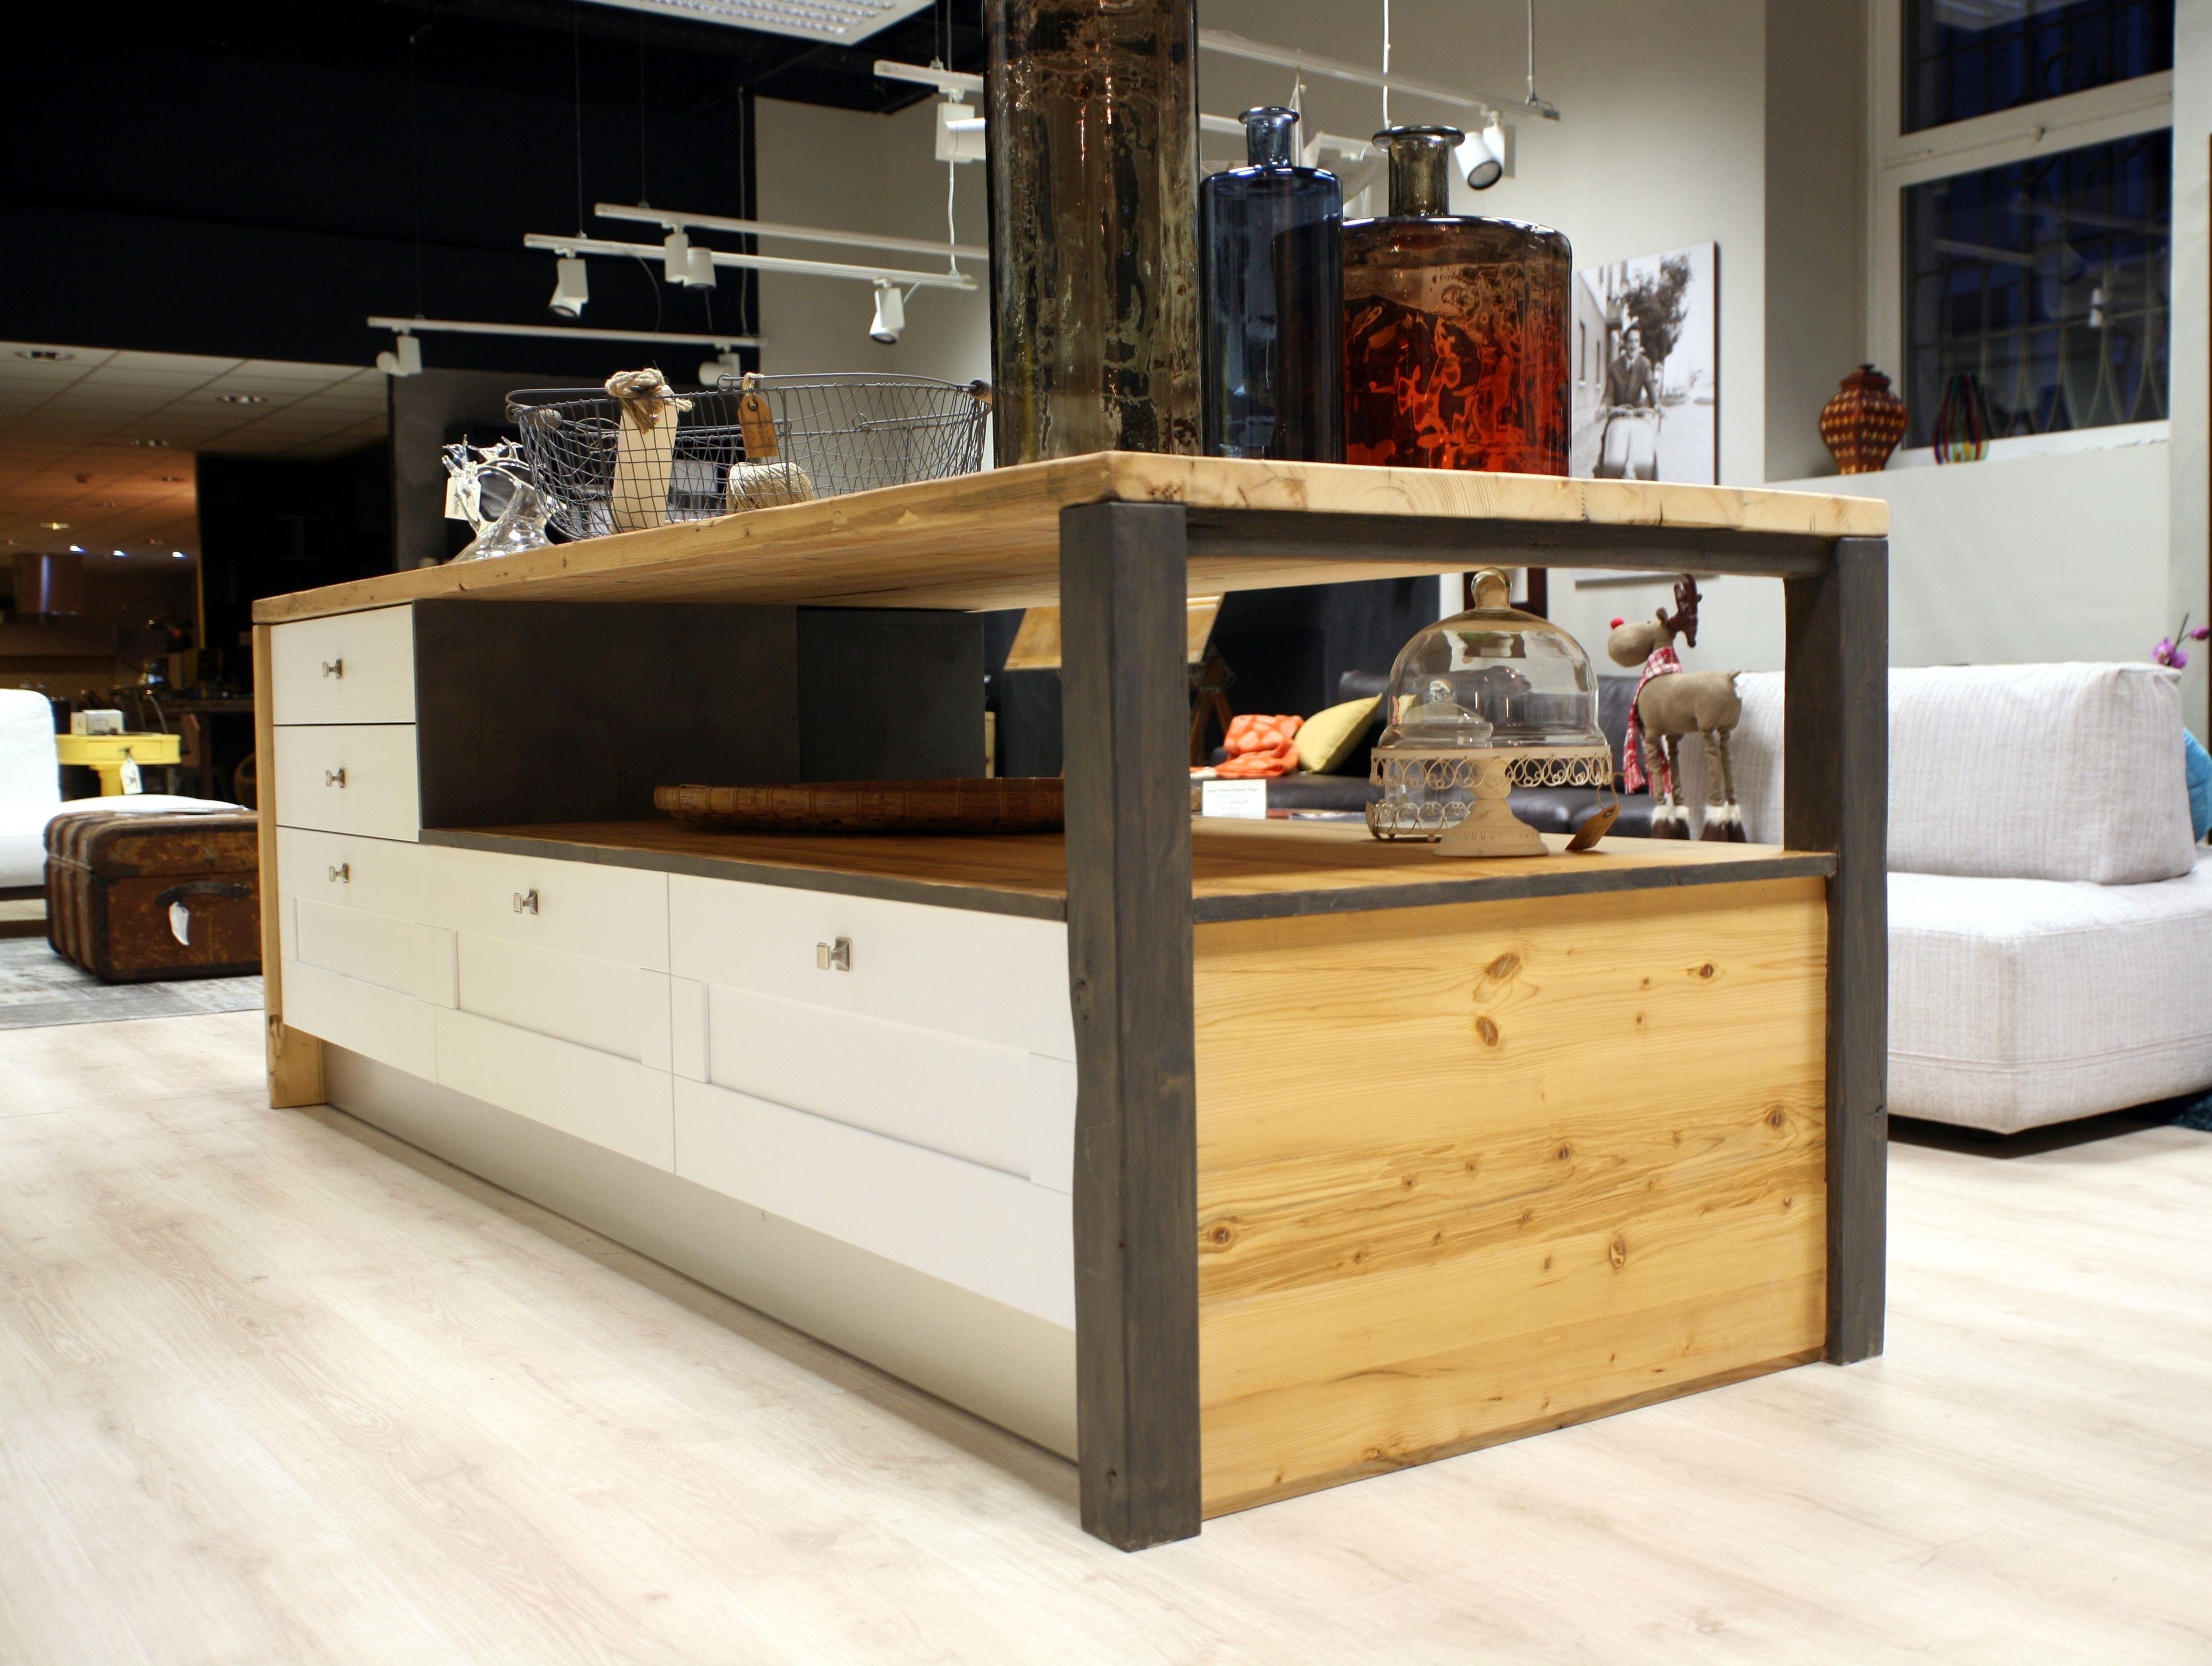 Cucina lineare offerta bellissimo cucine lineari moderne for Offerte cucine lineari